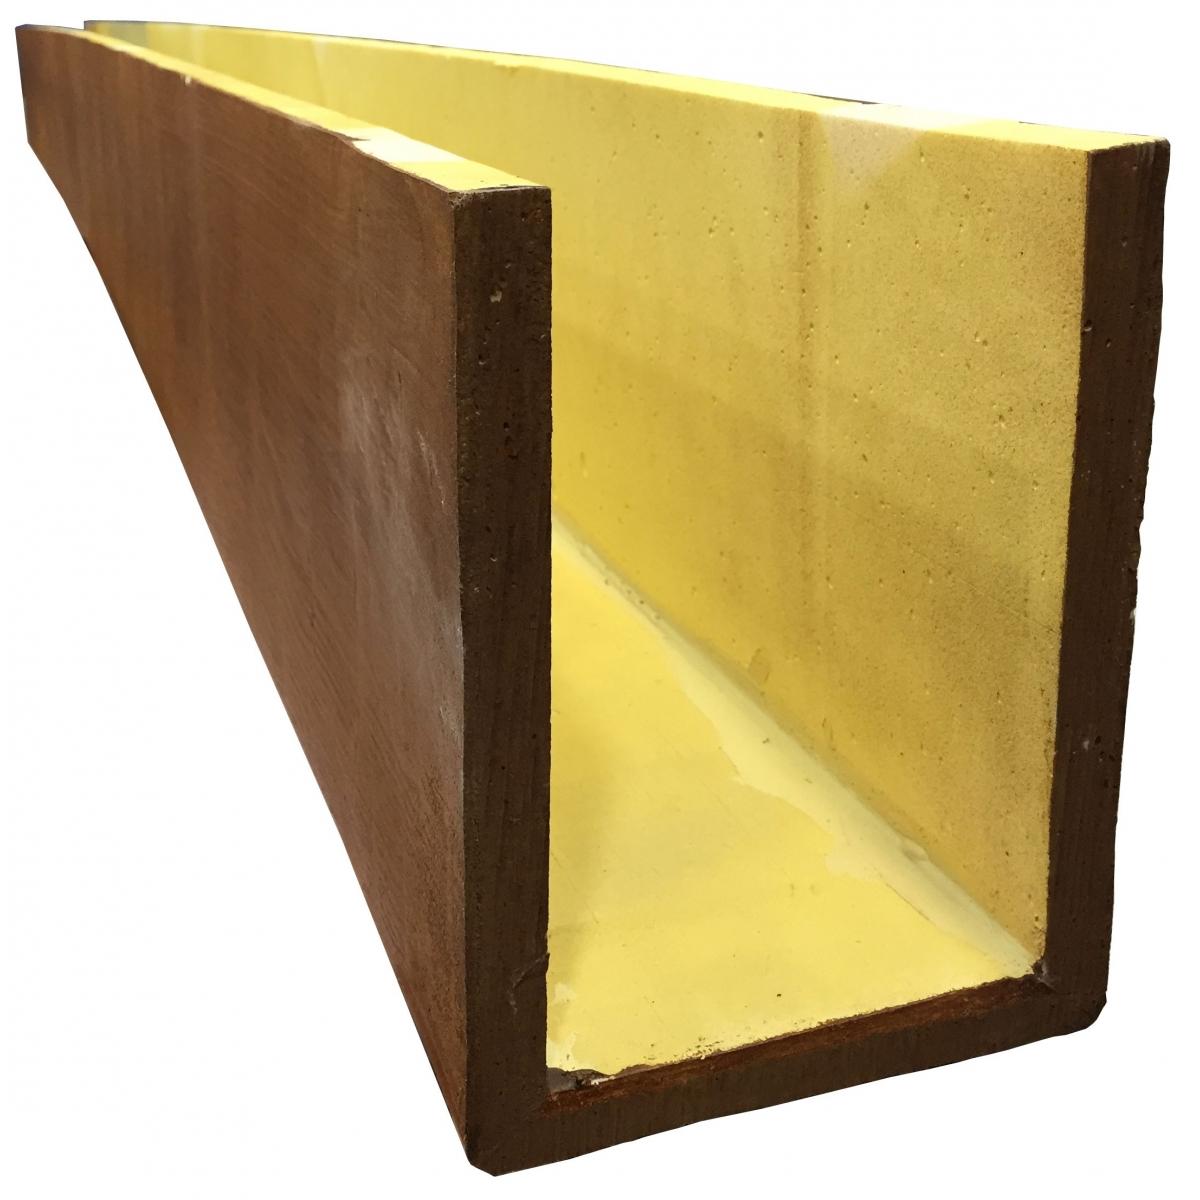 Viga imitación a madera 400x39x40